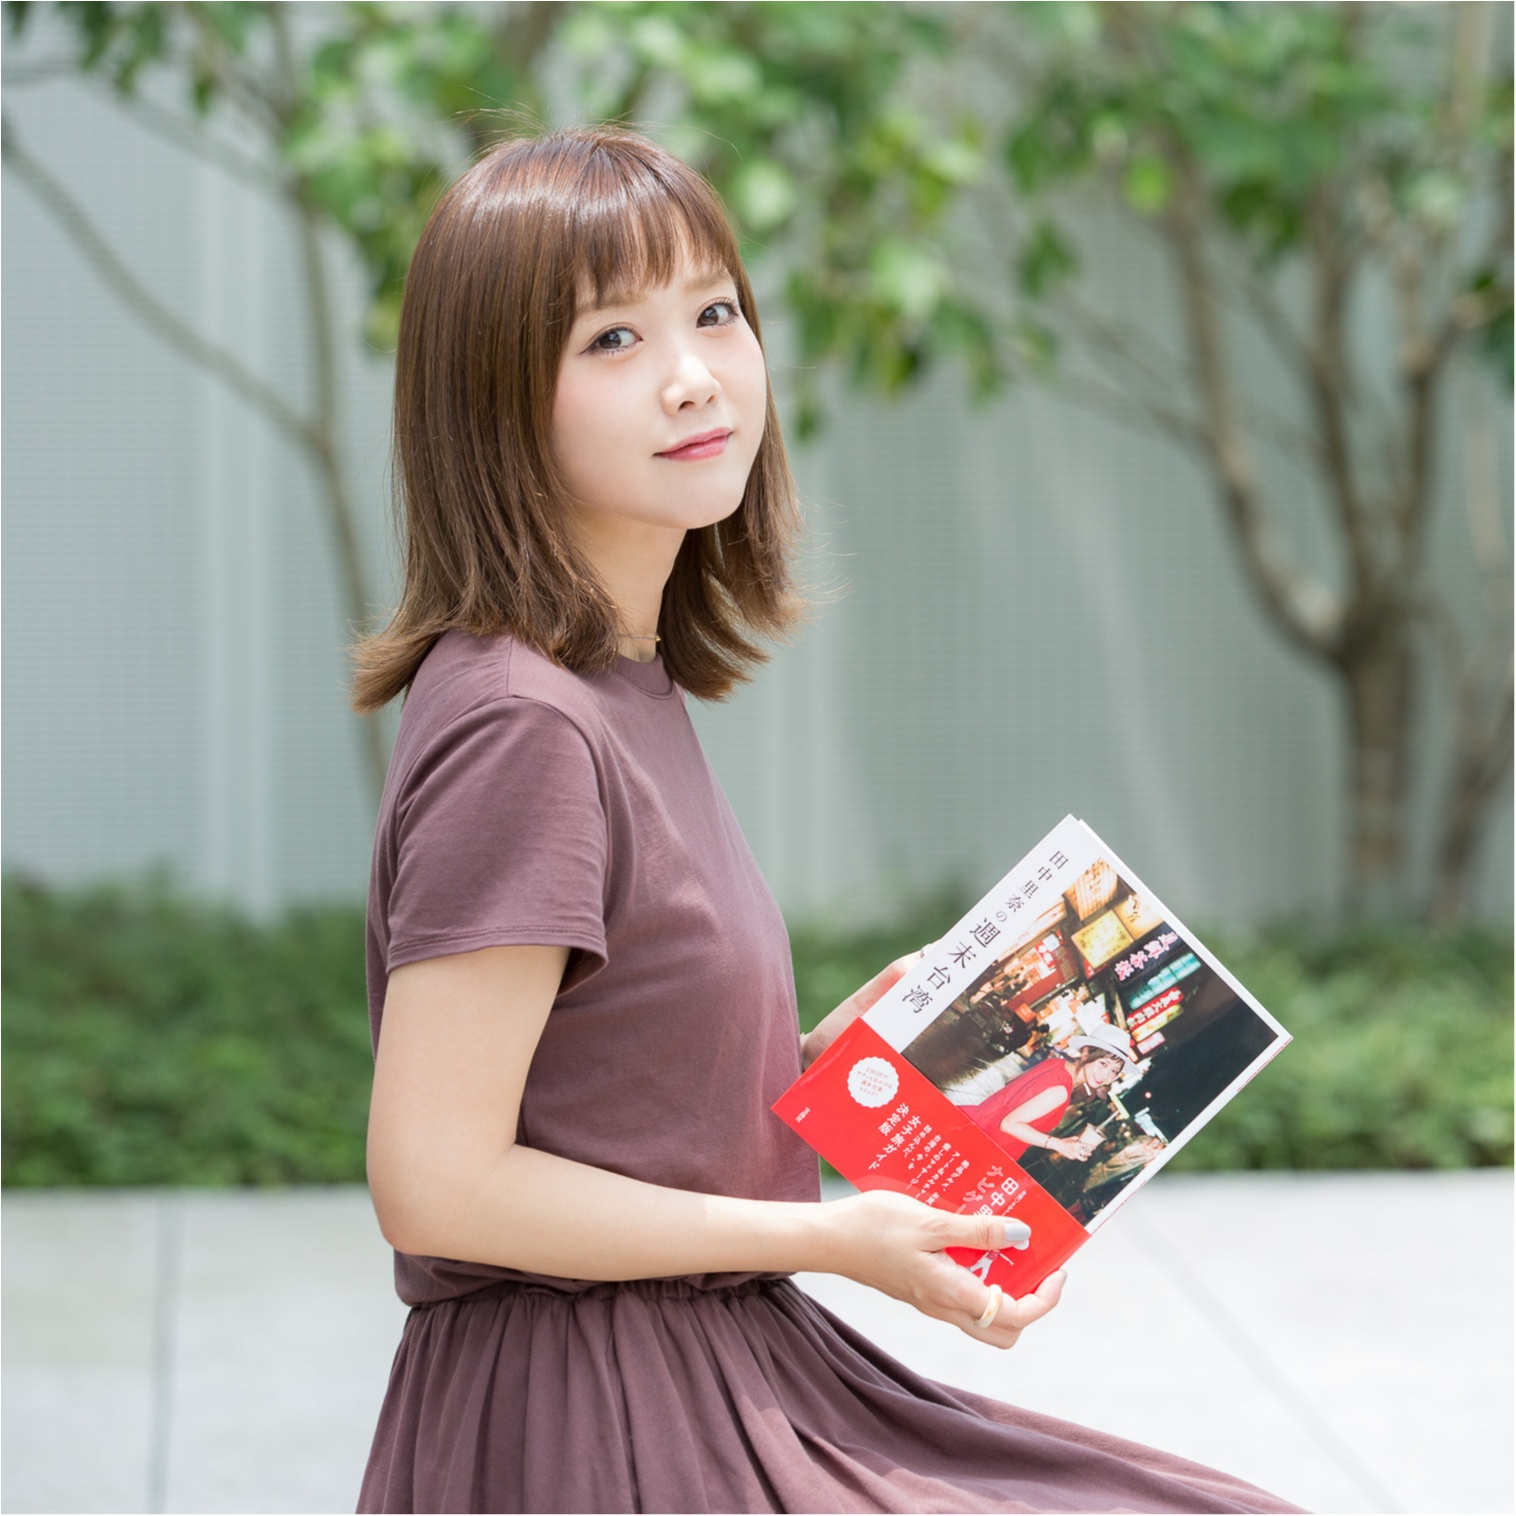 """【田中里奈さんインタビュー】台湾本を通じて伝えたい""""女子旅をもっと充実させるヒミツ""""とは?_1"""